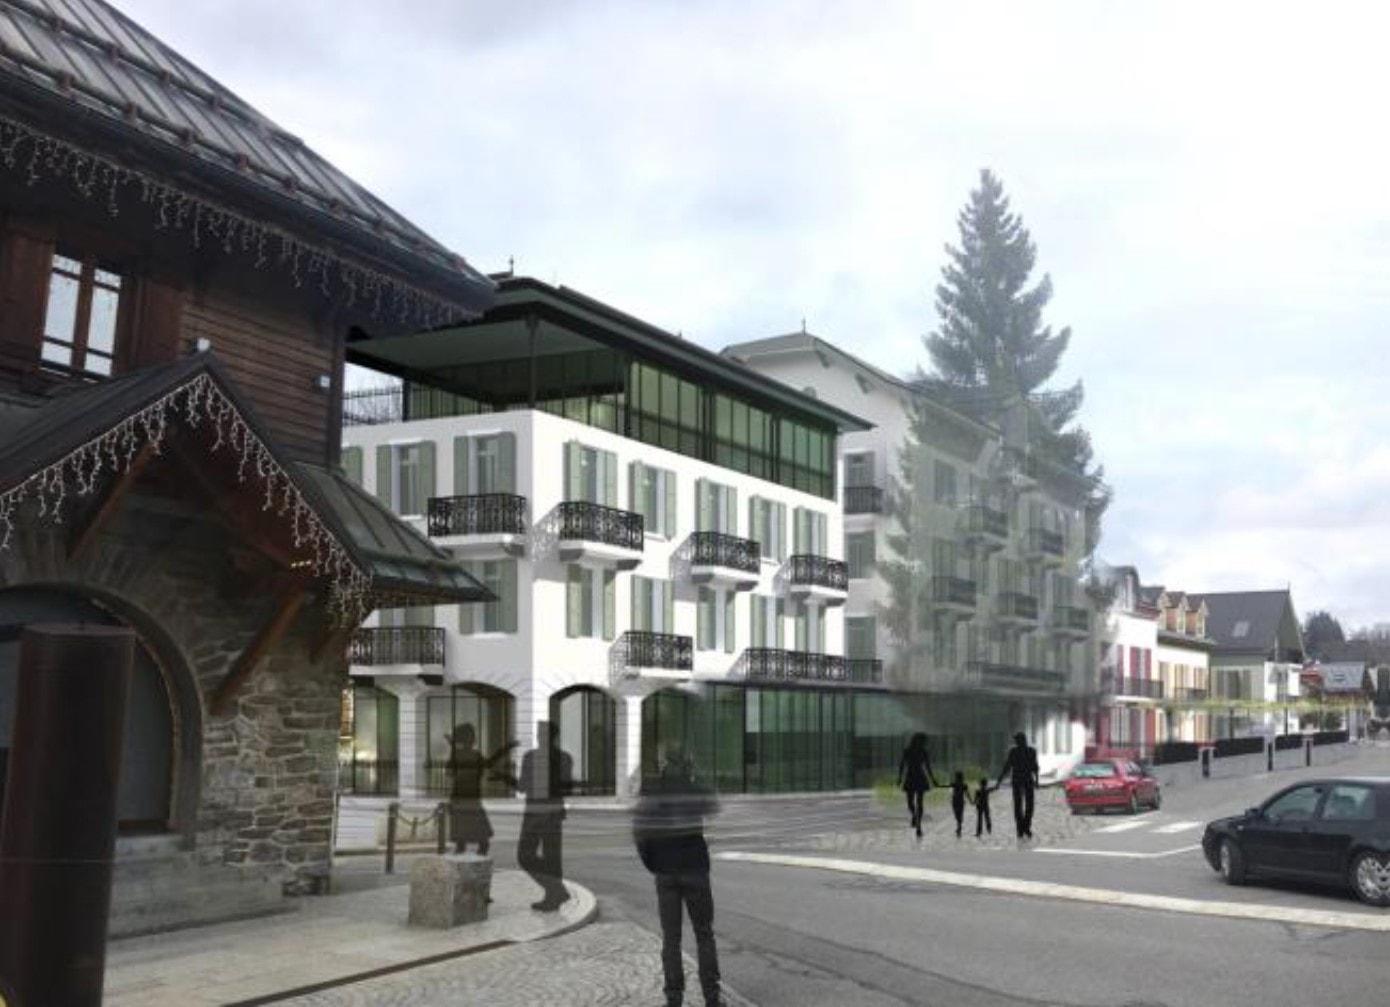 Projet Le Soleil d'or , un exemple d'investissement de crowdfunding en obligation immobilière financé sur Fundimmo.com